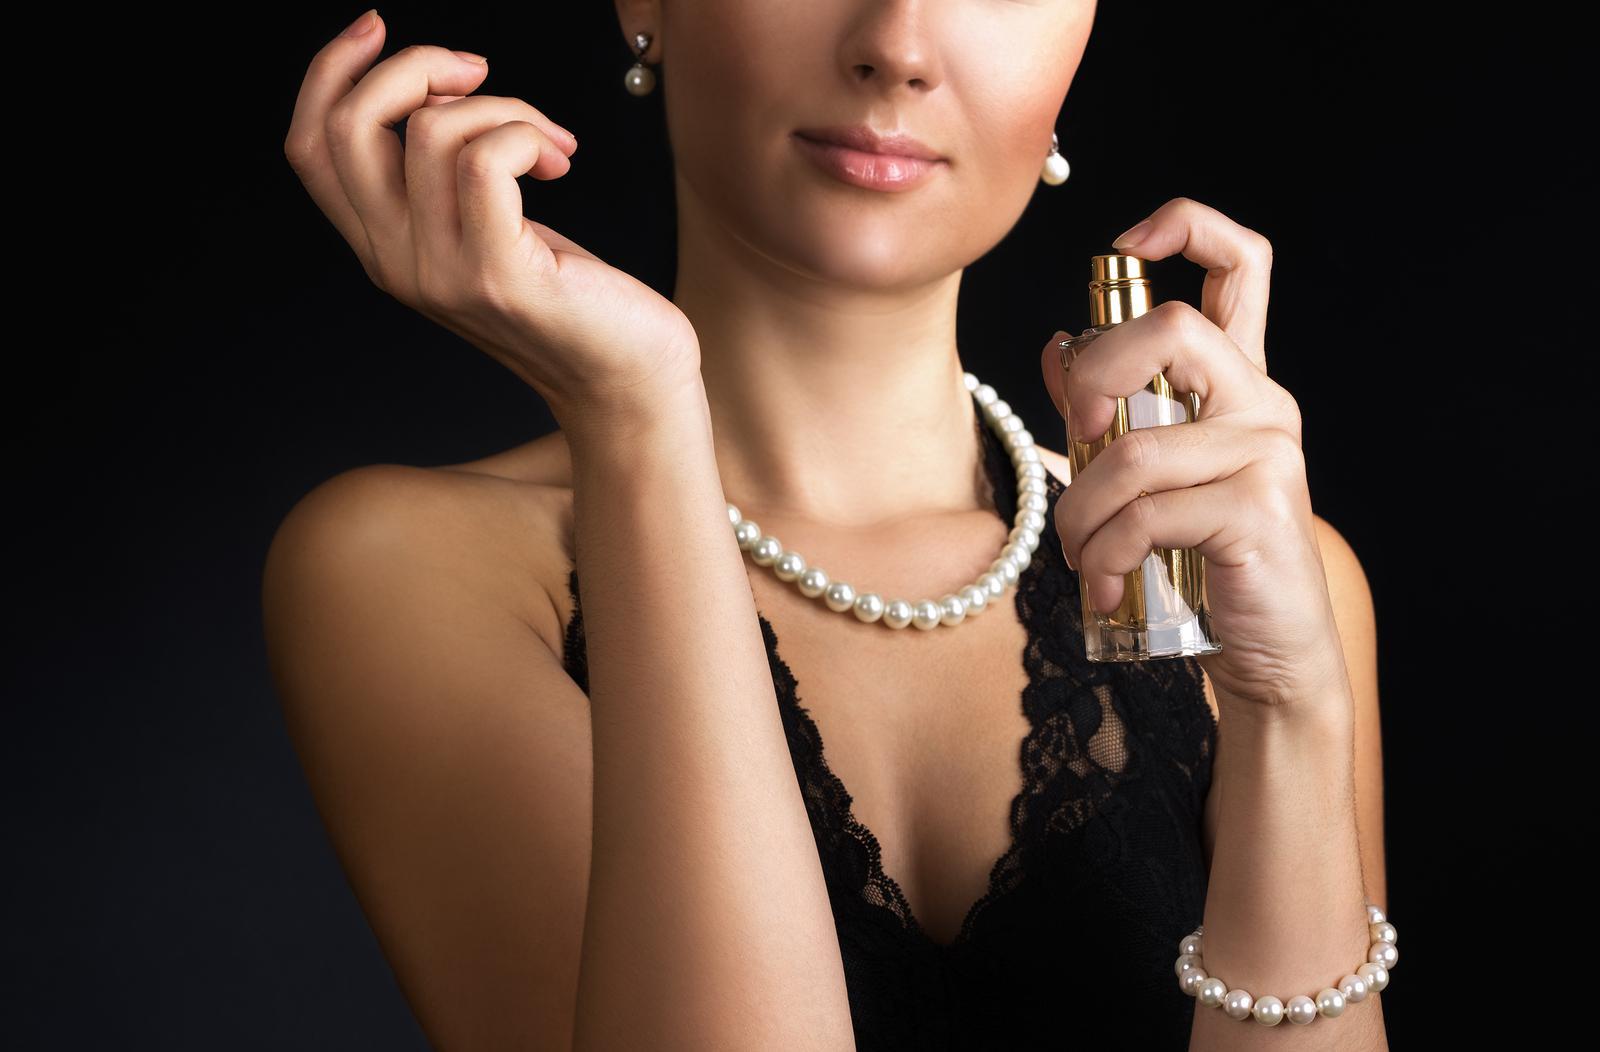 Perfumes ajudam a chamar atenção em ambientes fechados como baladas